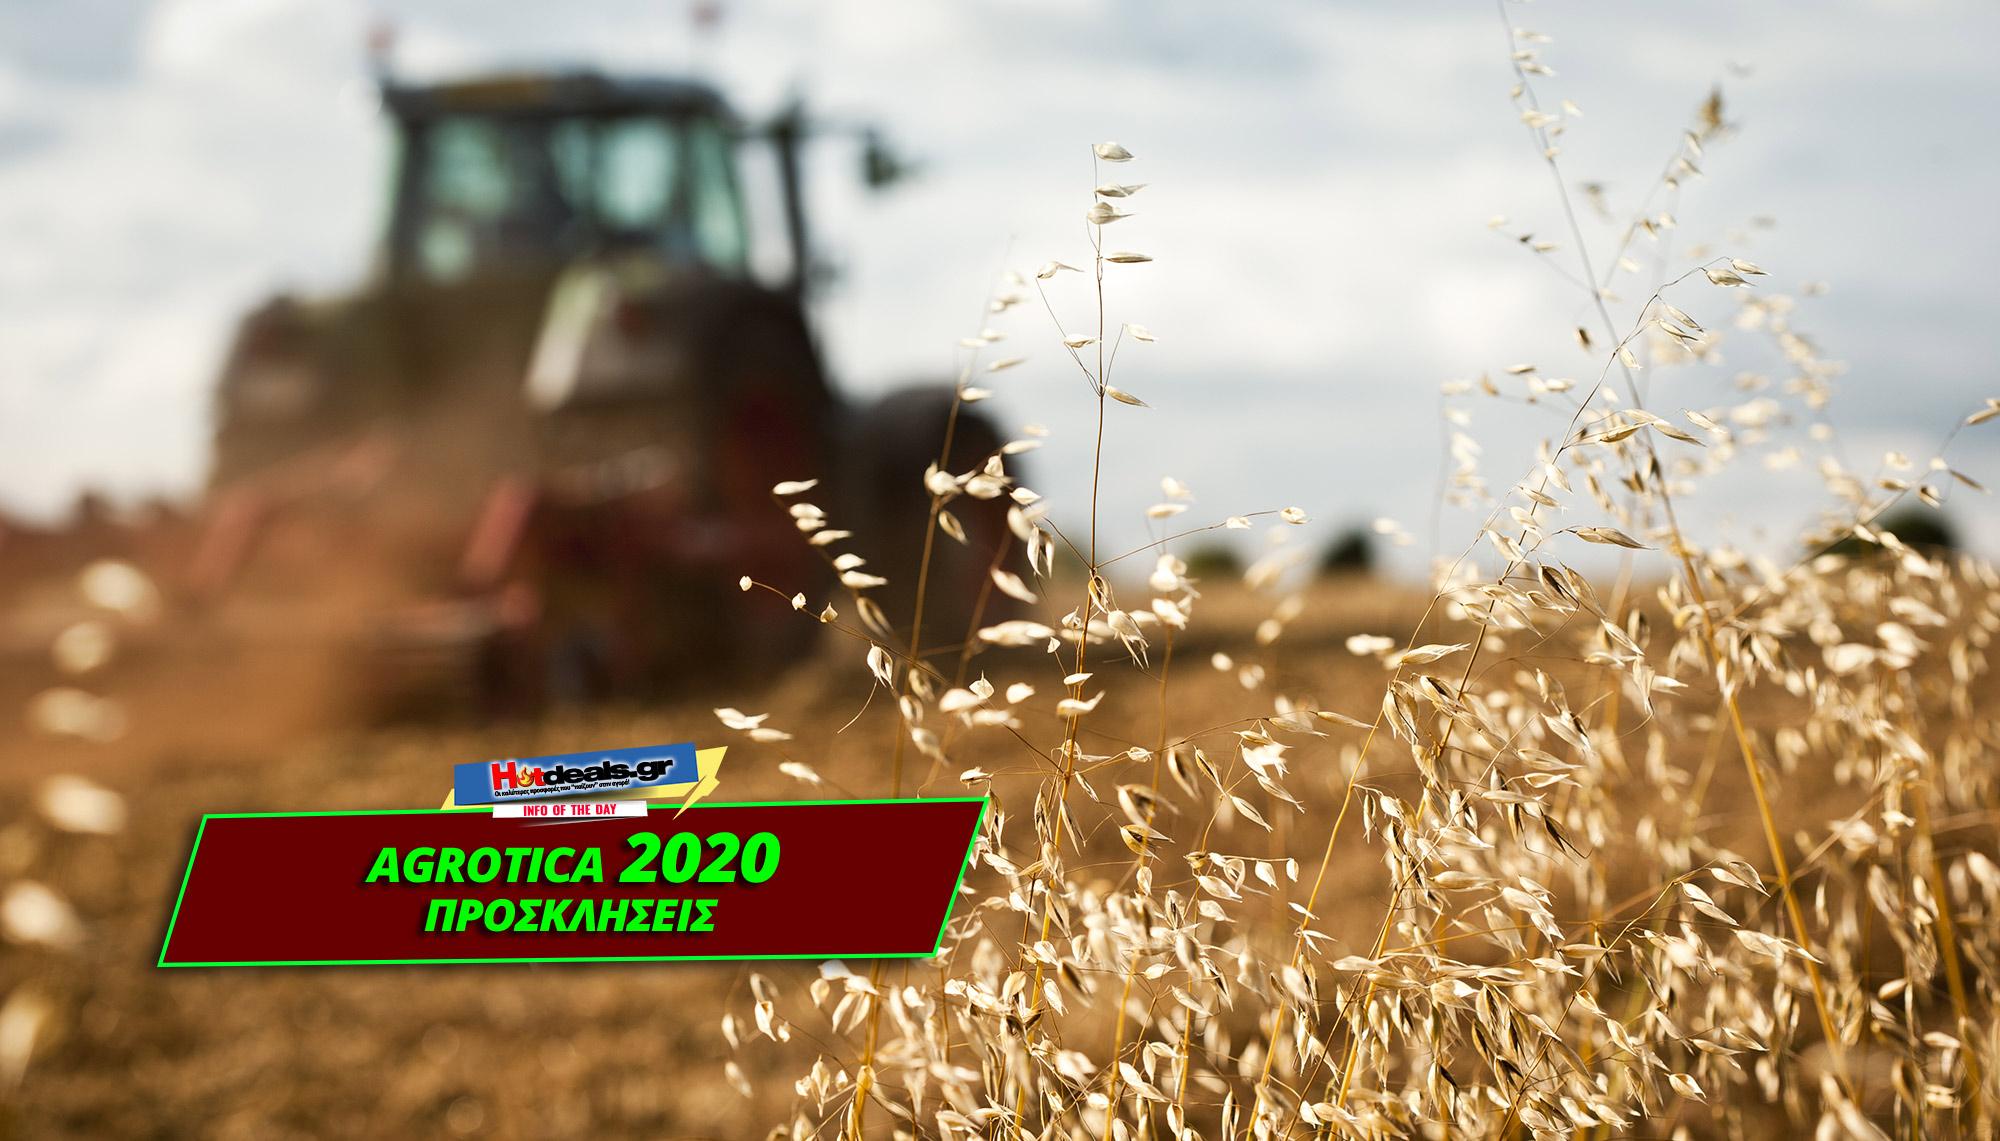 agrotica-2020